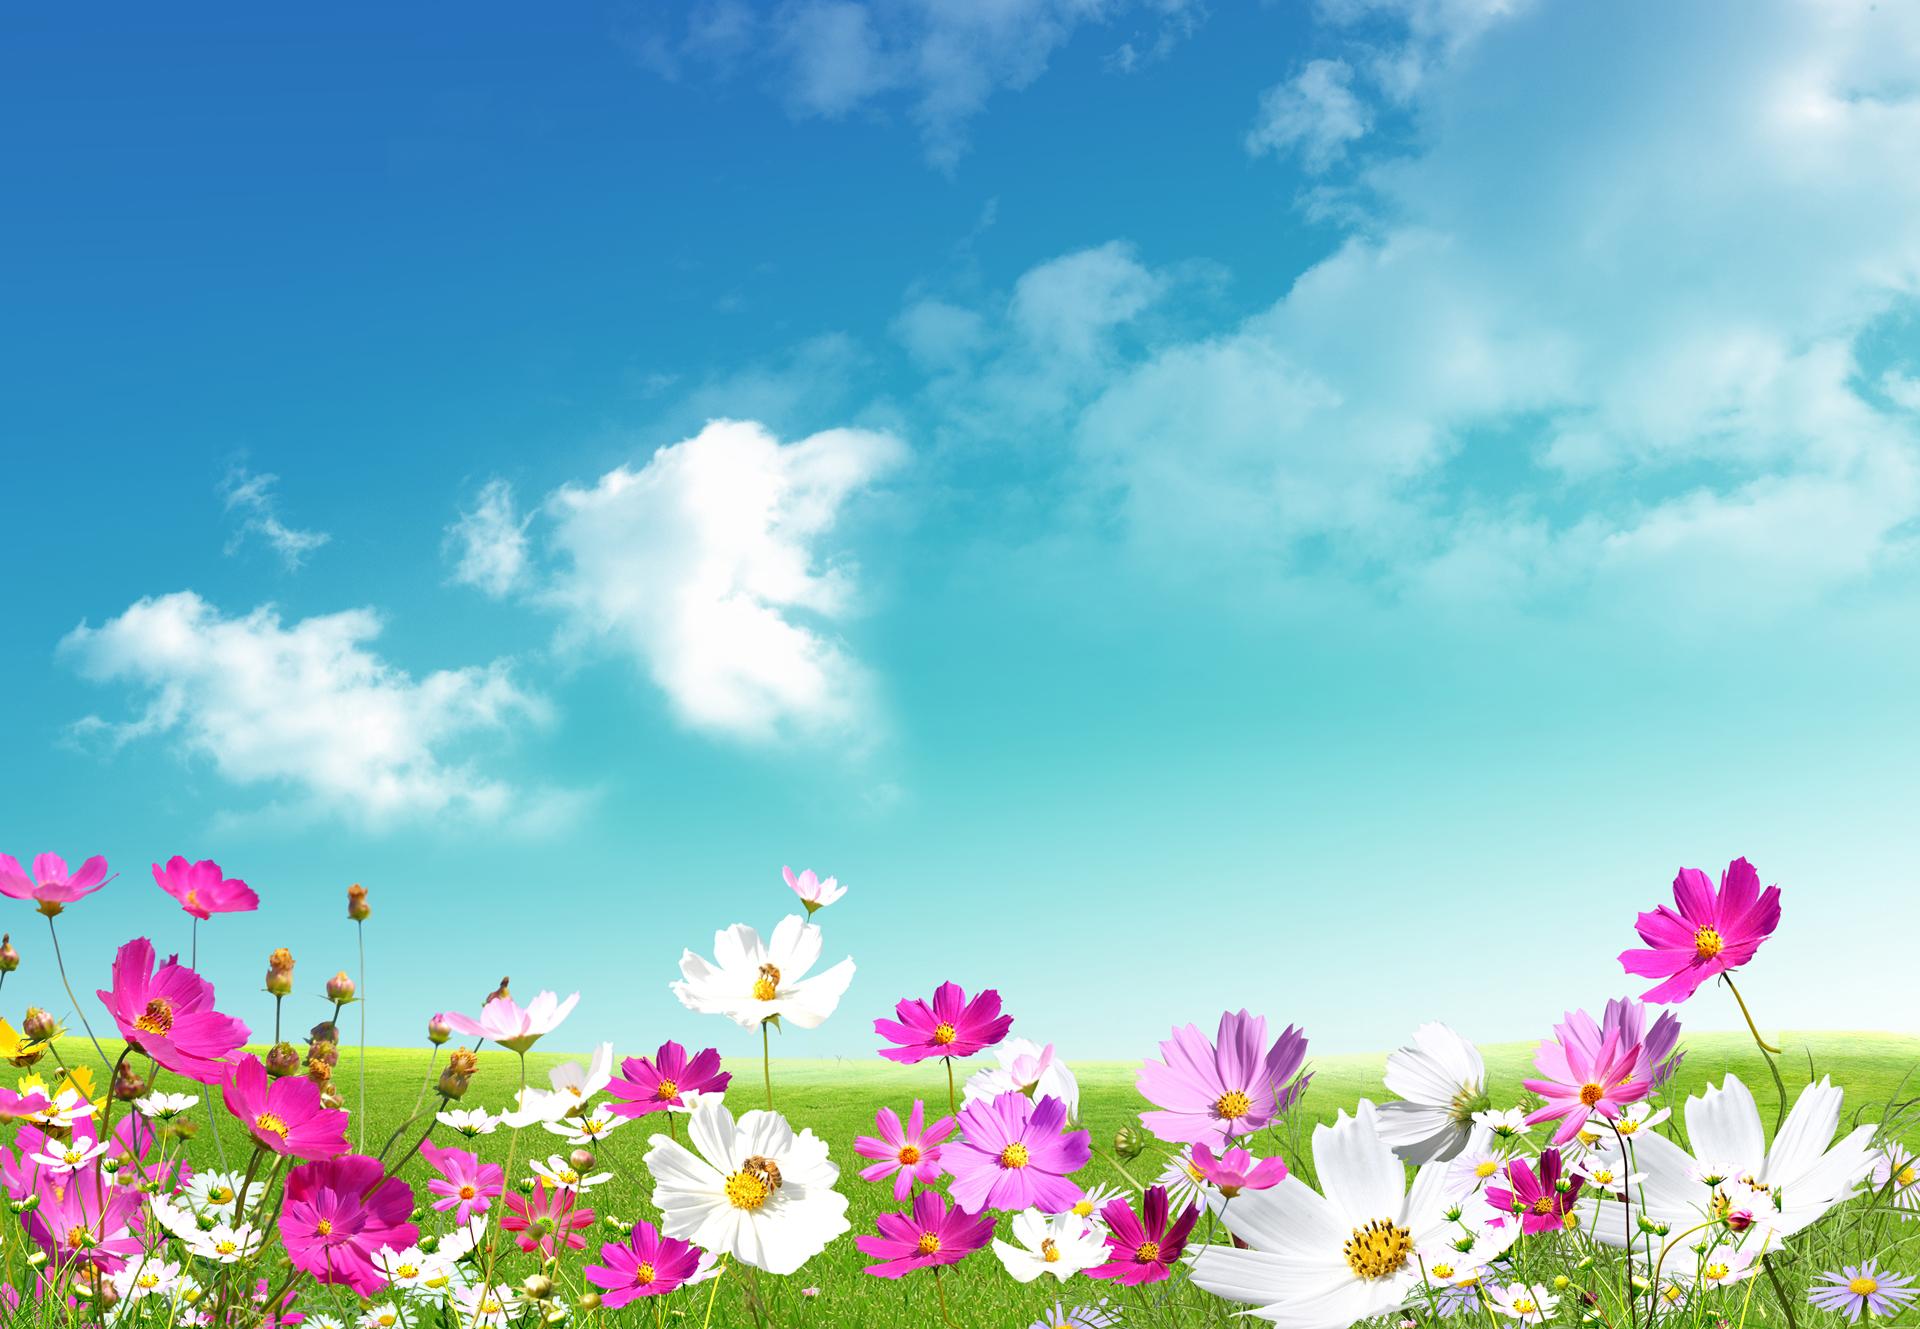 free-spring-desktop-wallpaper-w051mntr